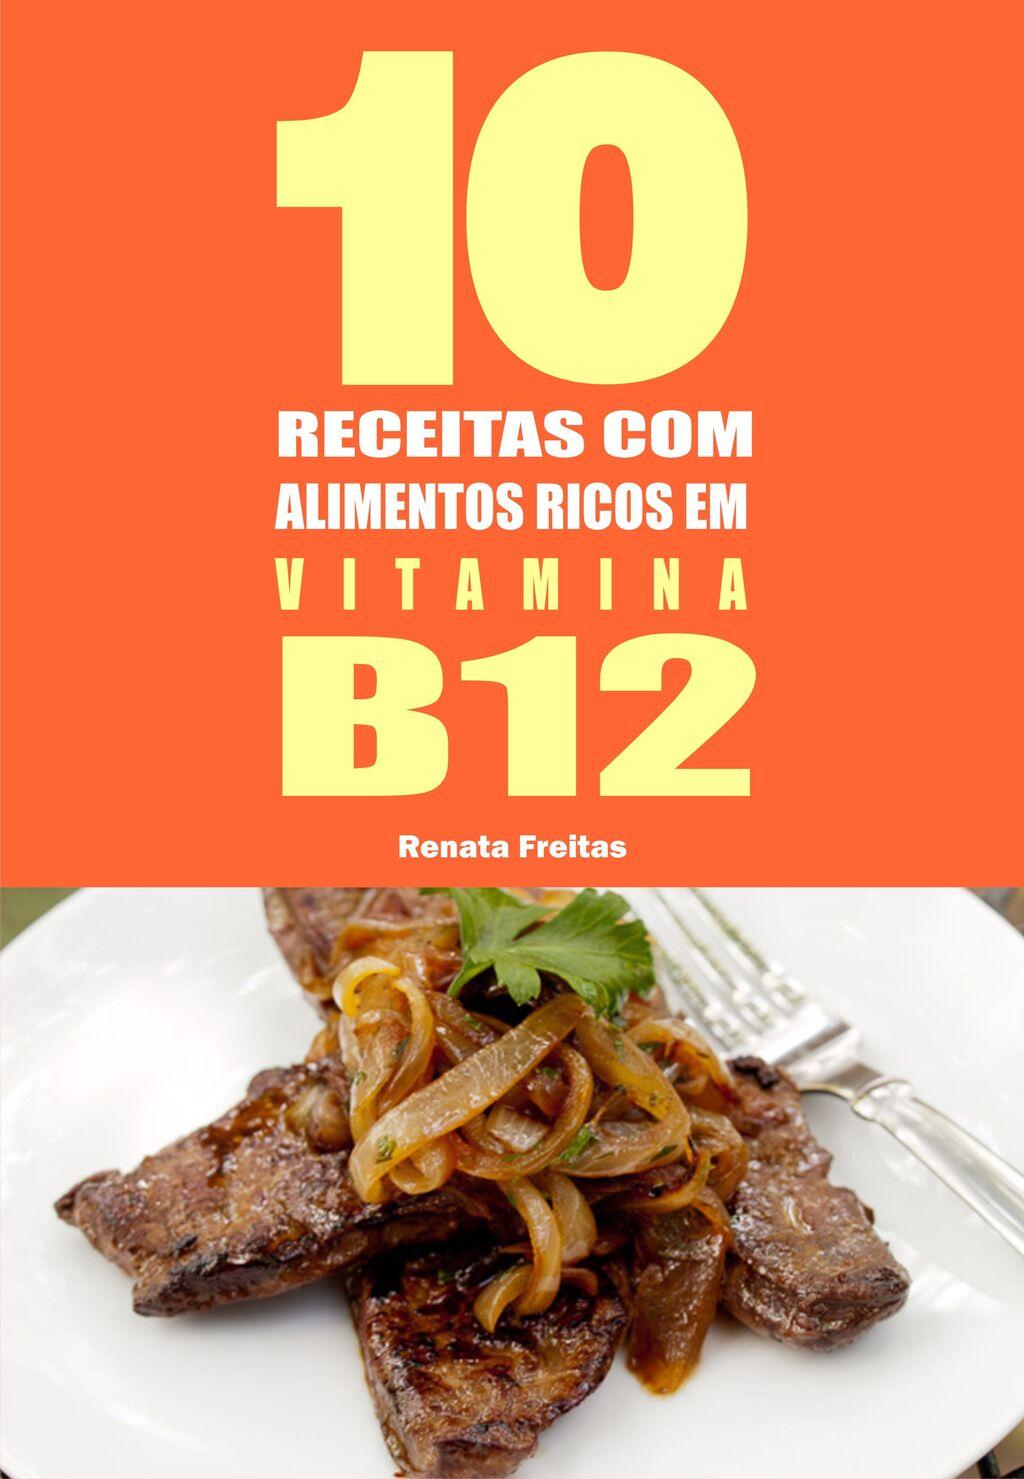 10 Receitas com alimentos ricos em vitamina B12